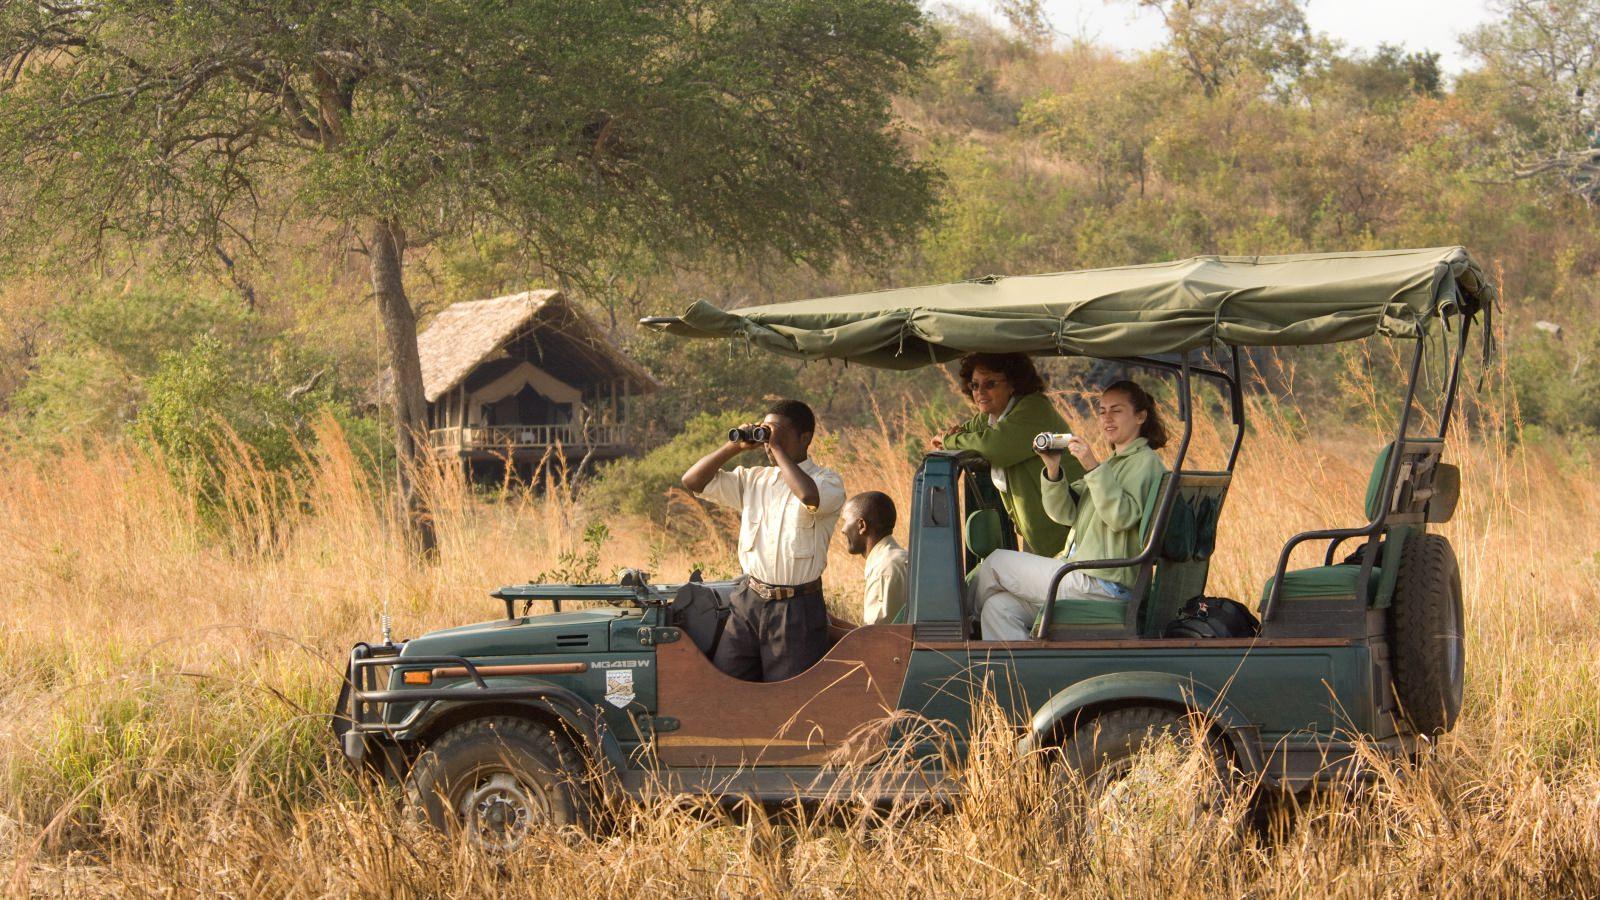 kosten \u0026 prijsopbouw van een safari naar afrika safari planner comsafari kosten \u0026 prijsopbouw